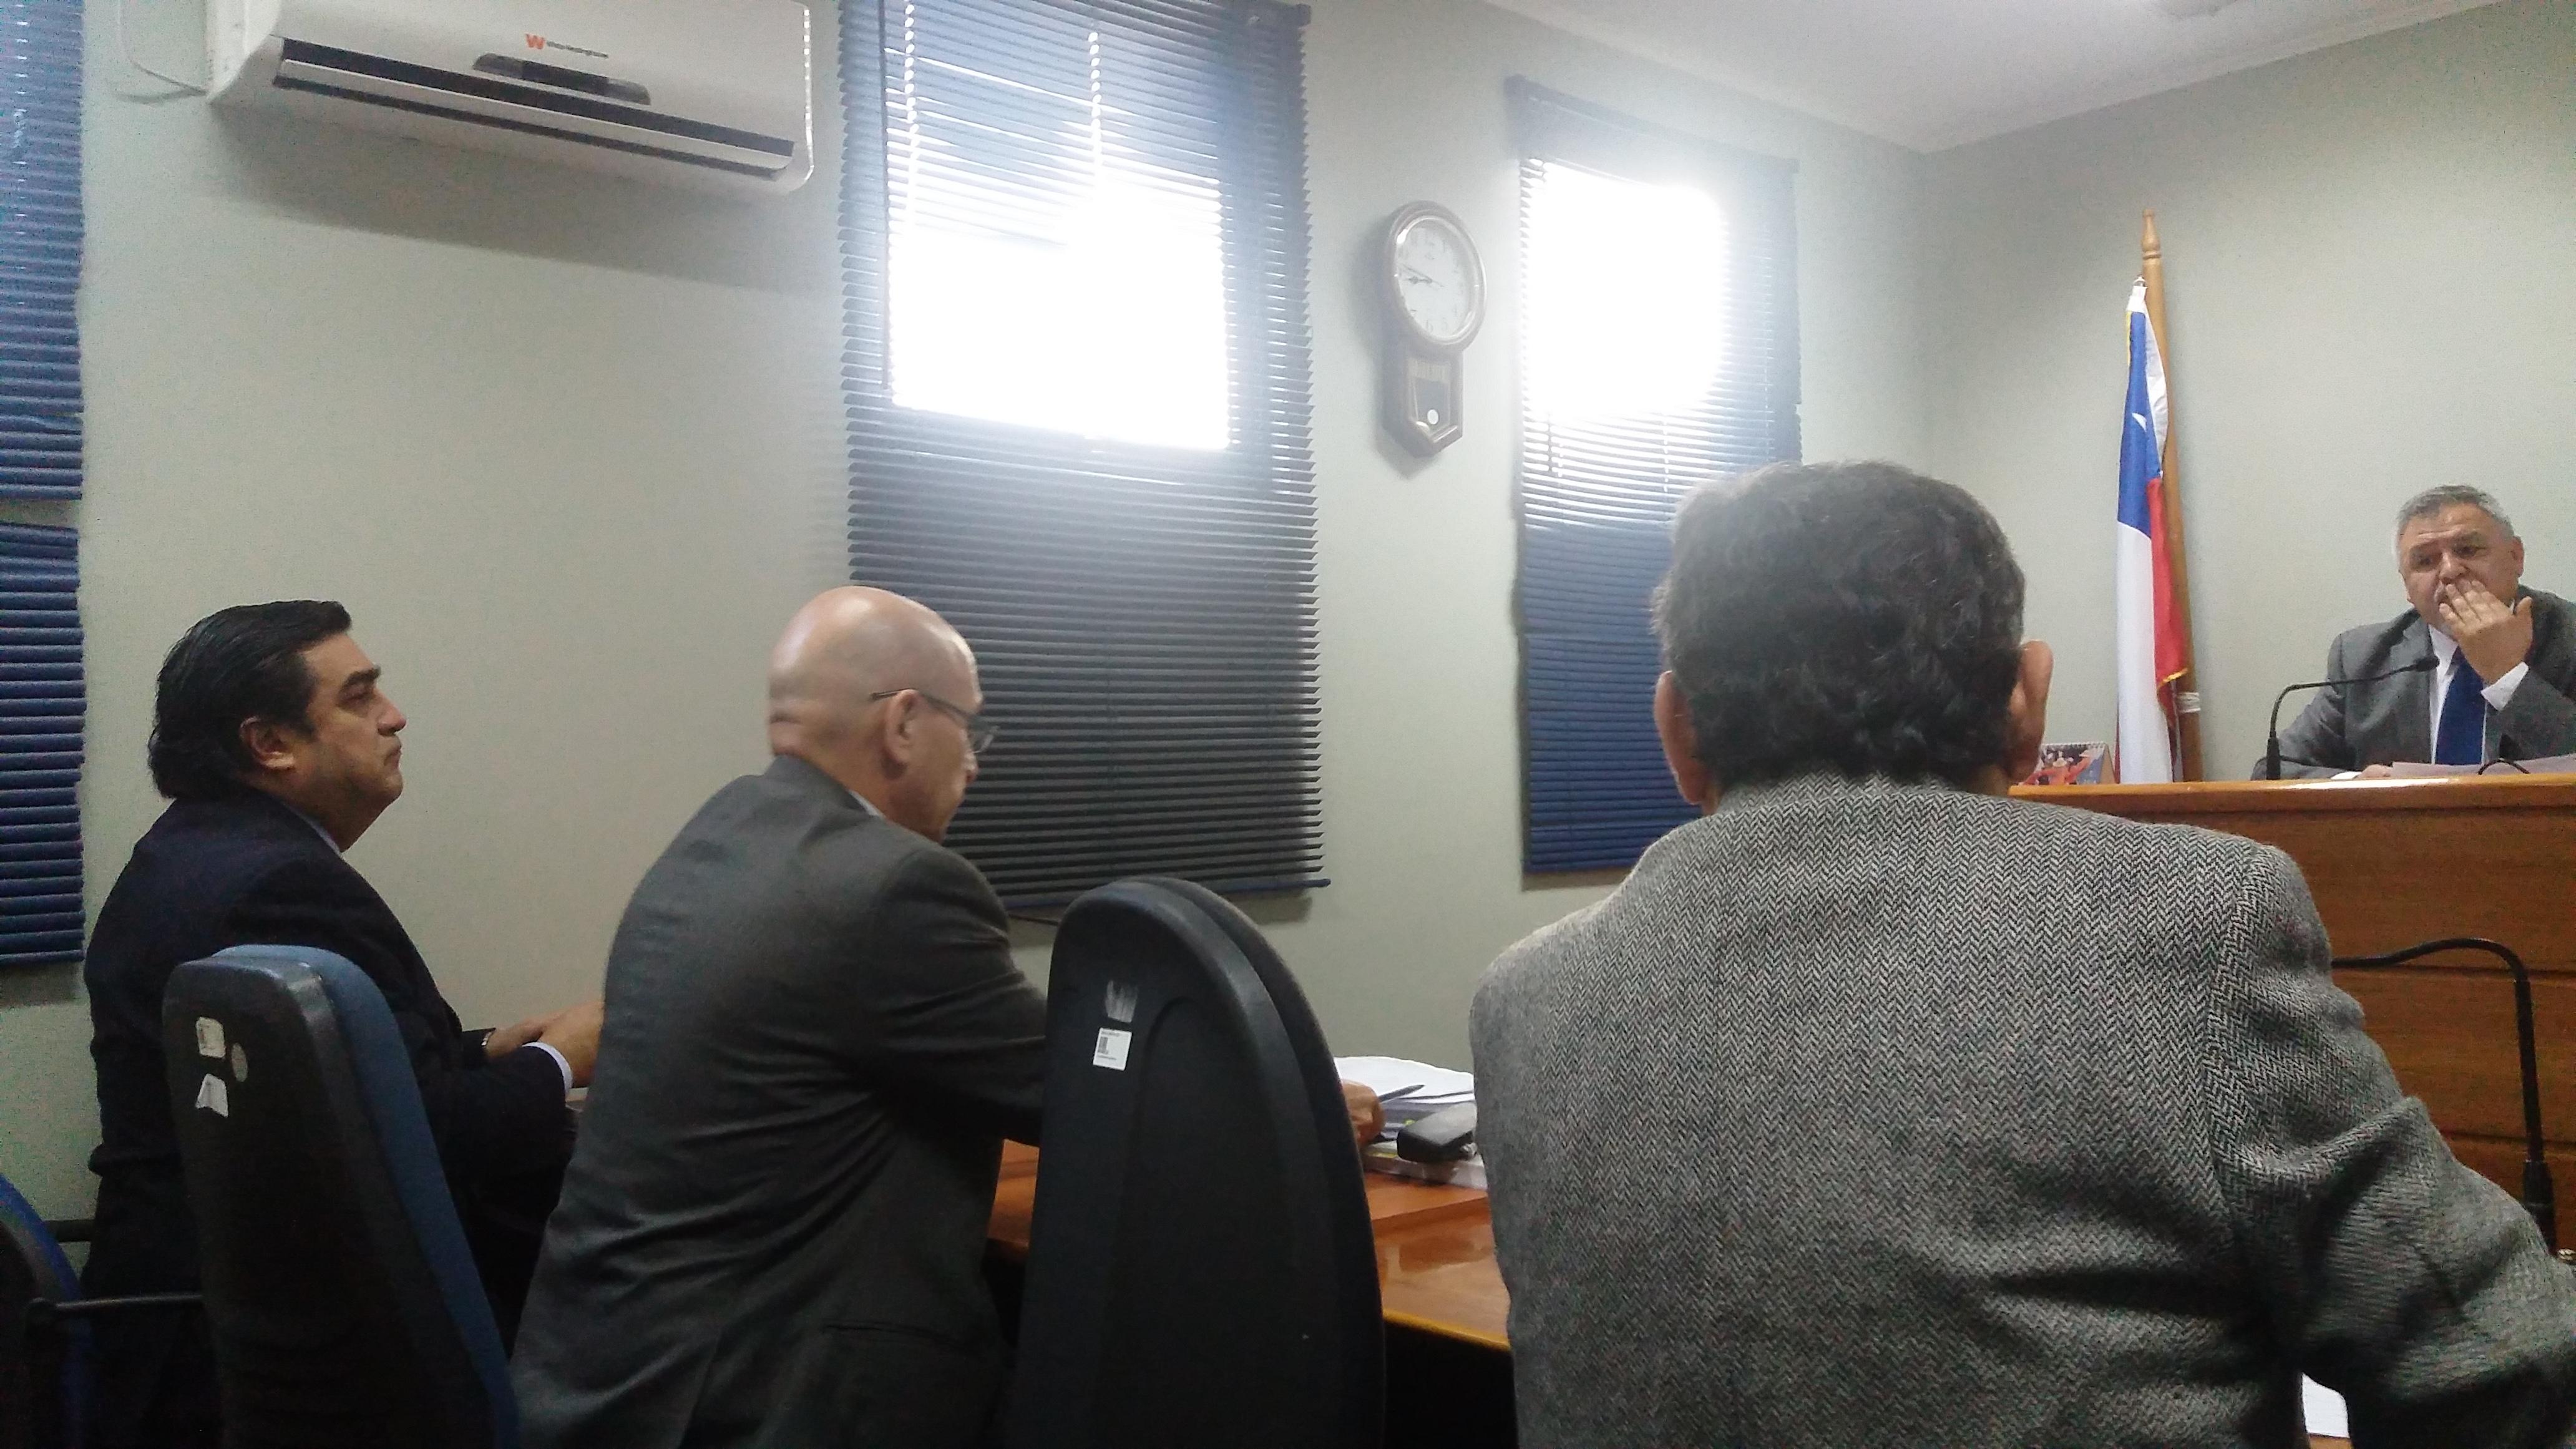 Postergan formalización de cargos por Prevaricación en contra del ex  Intendente del Maule, Hugo Veloso.